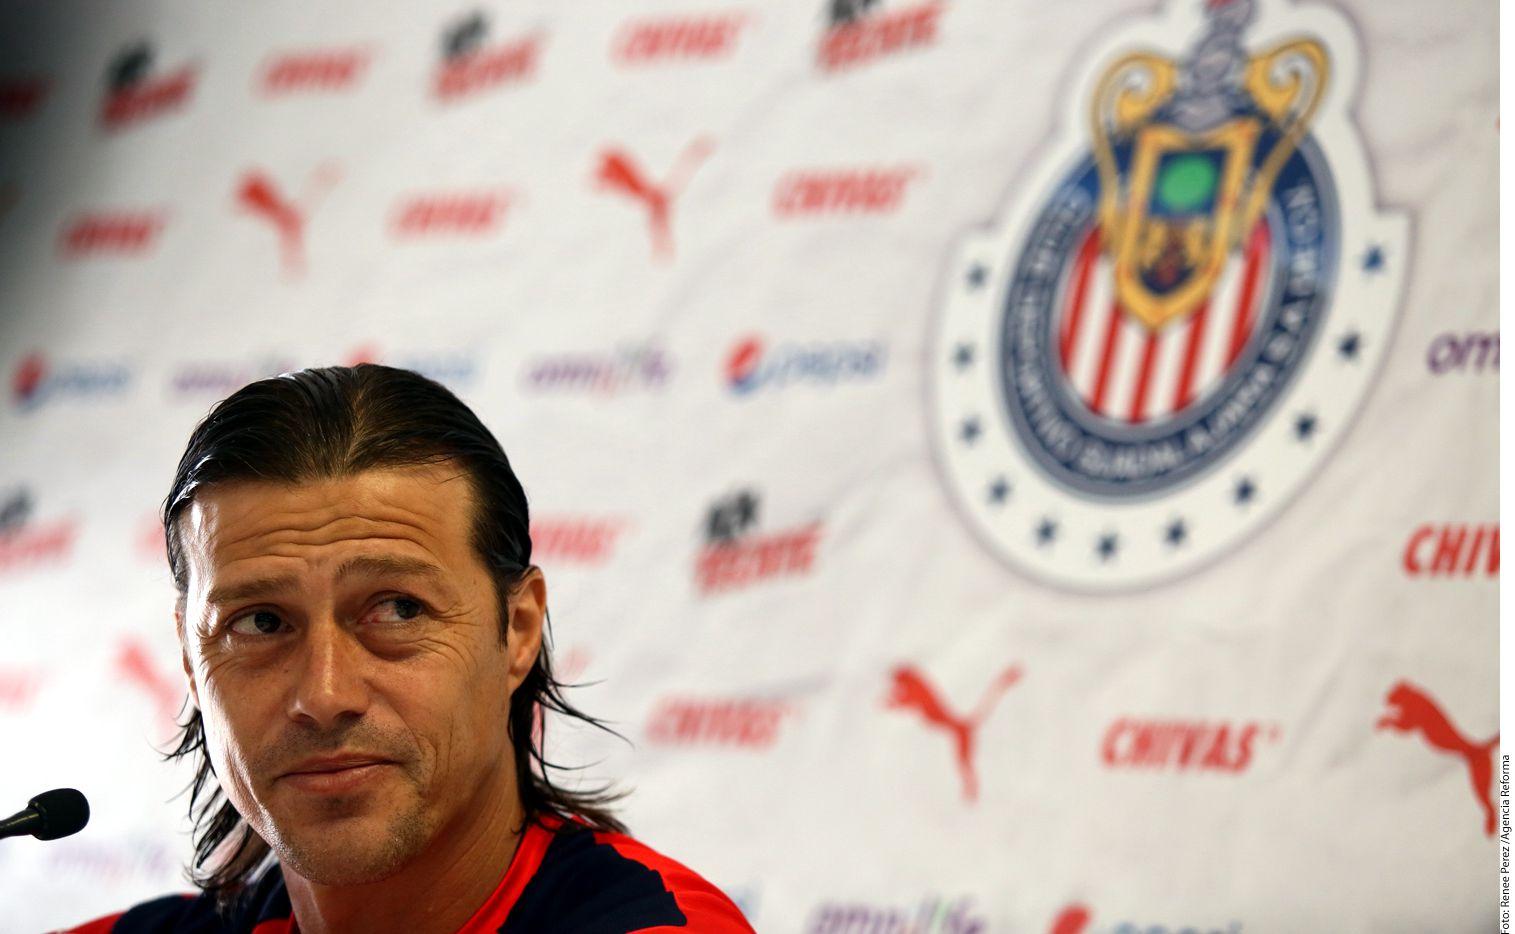 El técnico Matías Almeyda recordó que Omar Bravo le compartió su deseo de salir de Chivas desde semanas antes de la Final de Supercopa MX./AGENCIA REFORMA